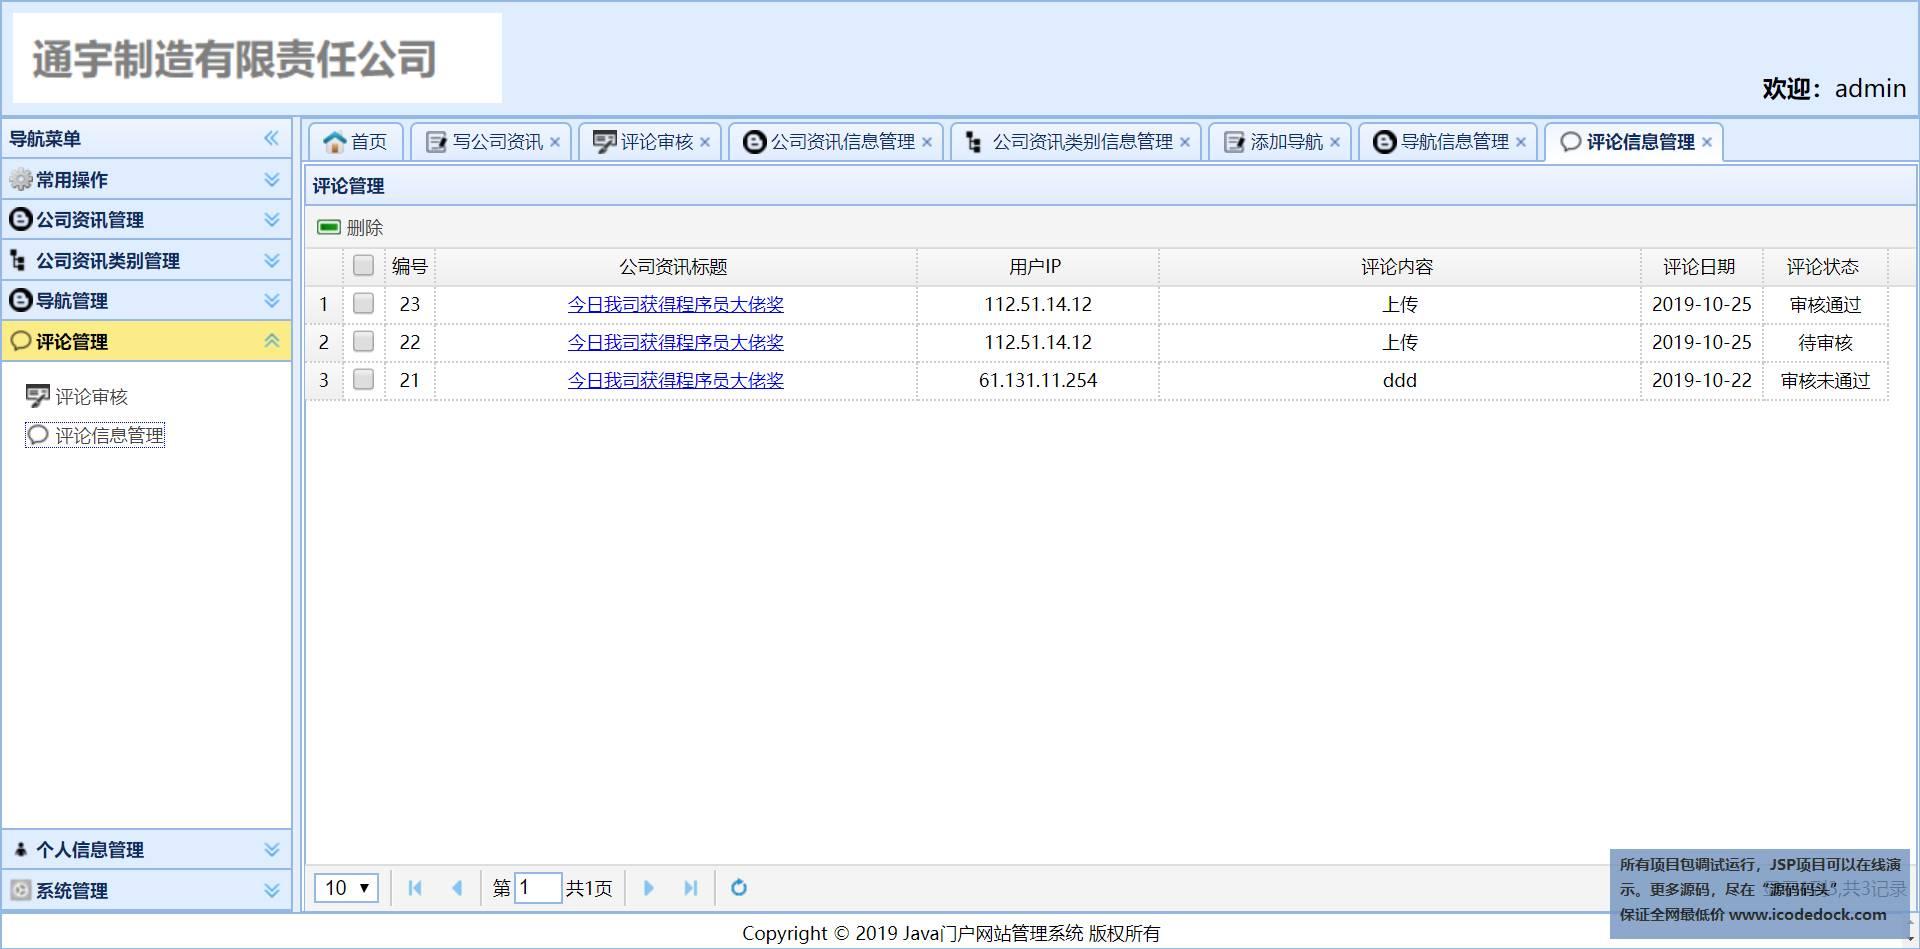 源码码头-SSM企业官方网站-管理员角色-评论信息管理